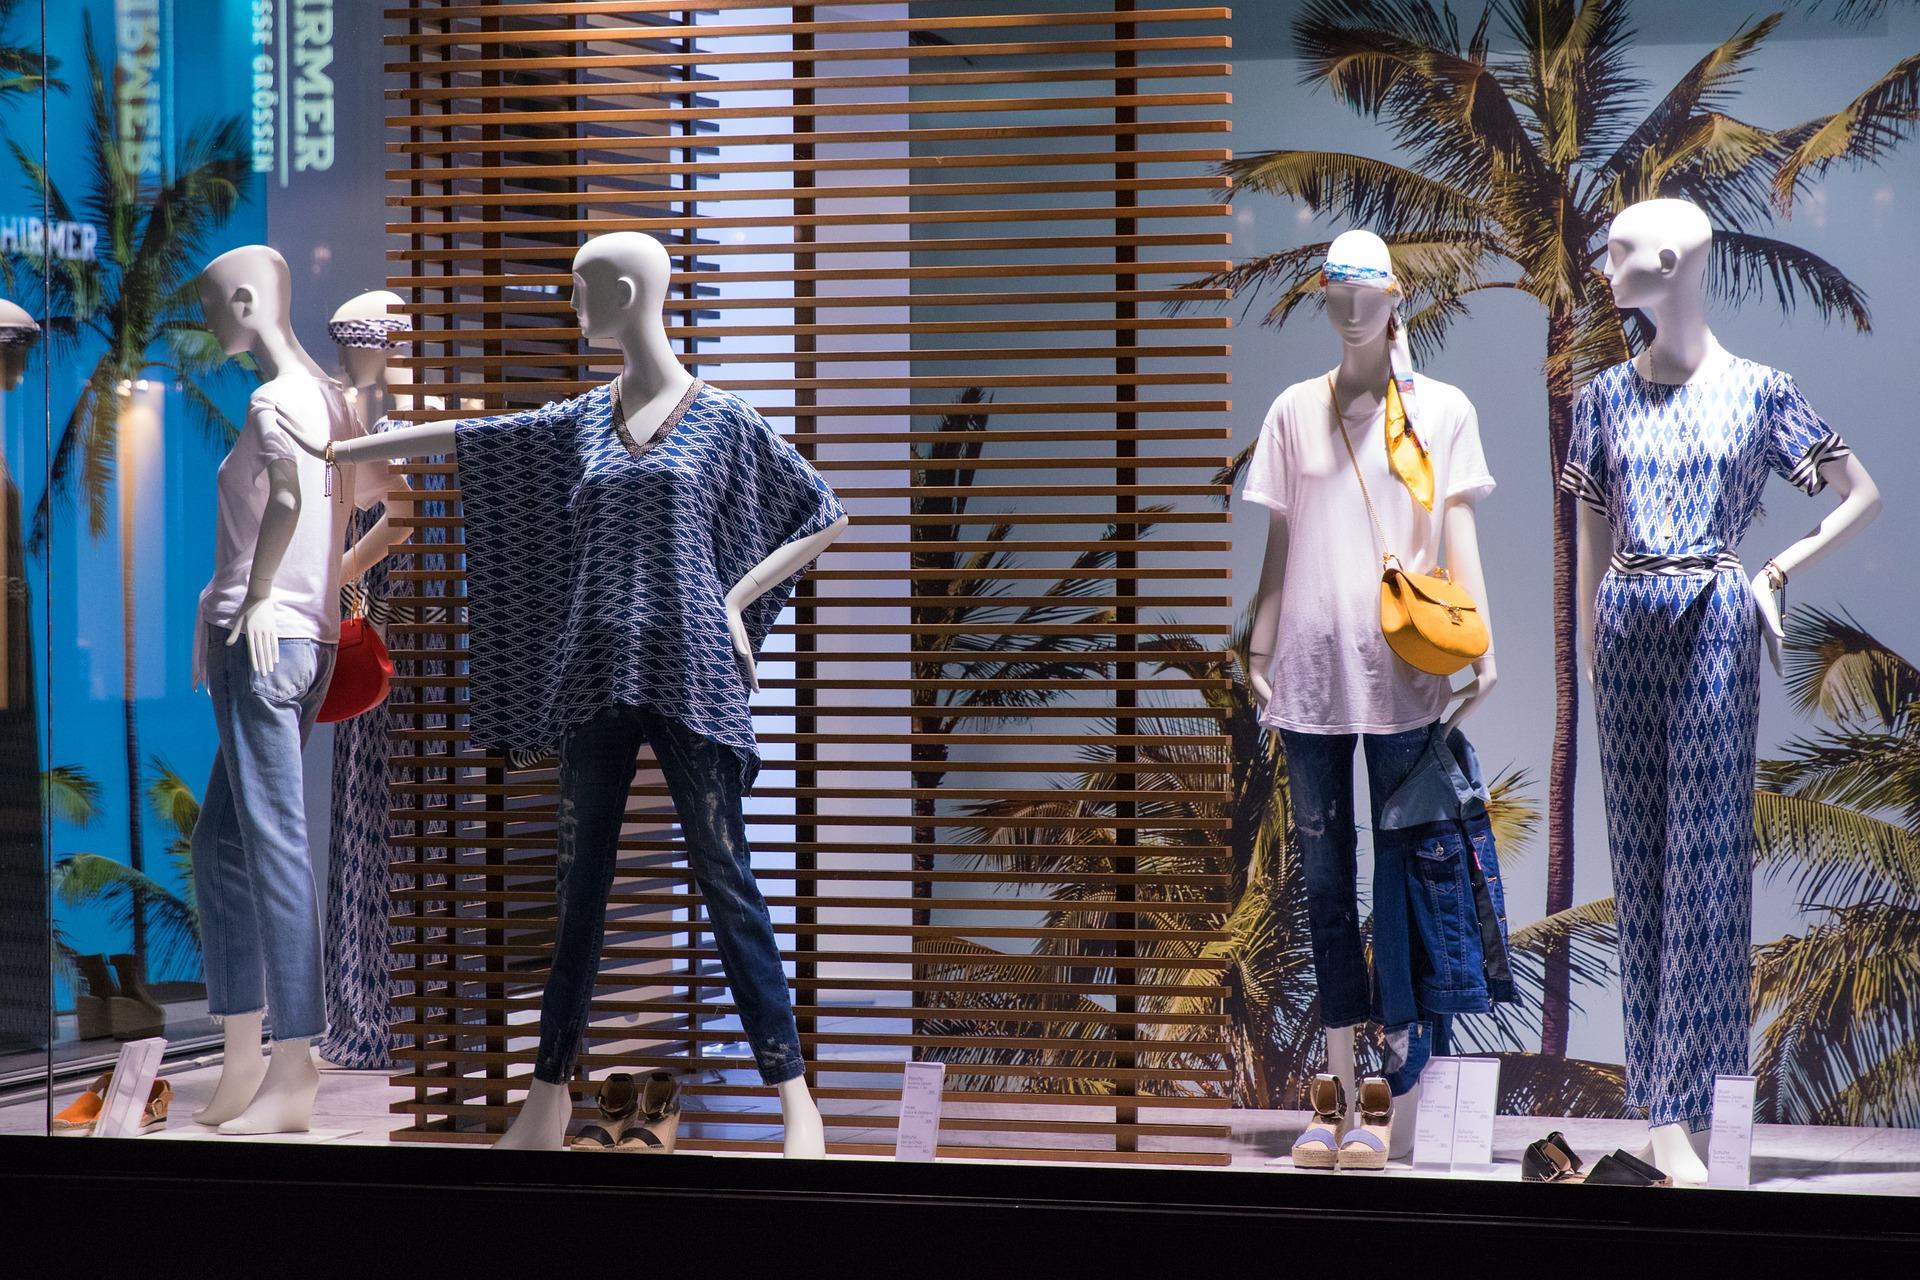 כך תגרפי מחמאות: החנויות שיסדרו לך את הלוק המושלם לקיץ הקרוב